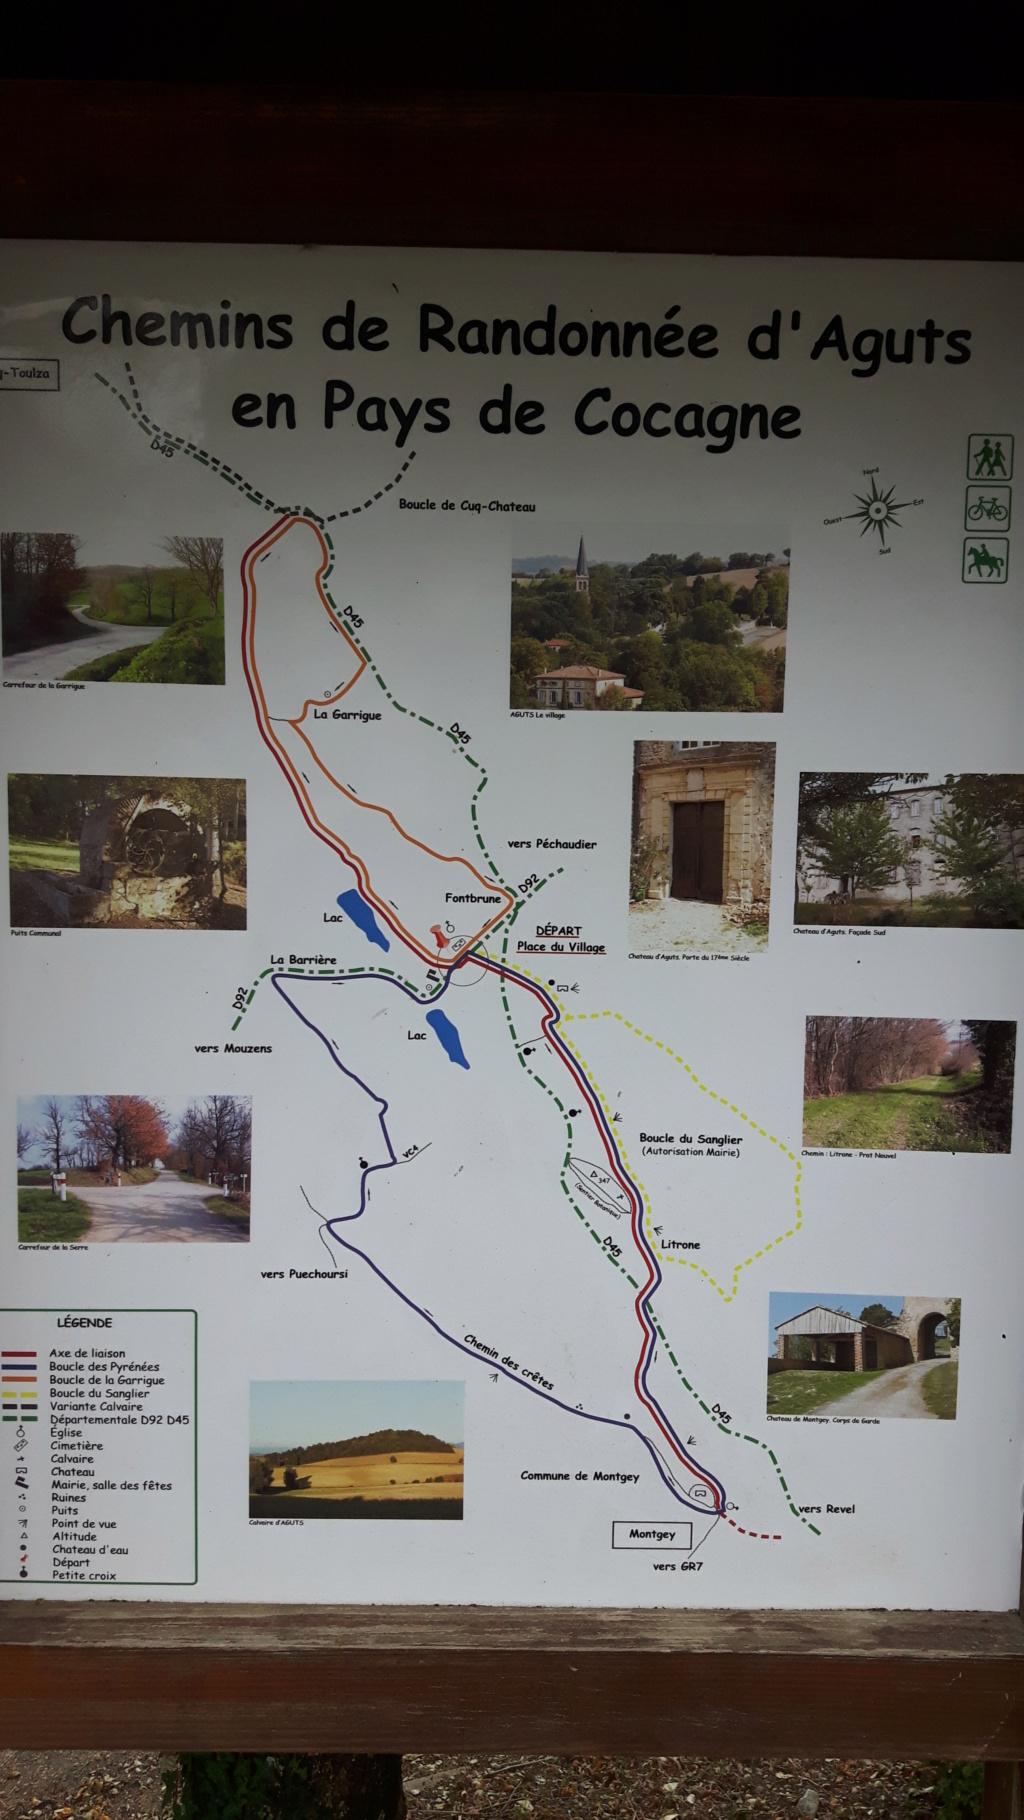 Occitanie - 15 Août - Vielmur: Passions d'Antan 20190842